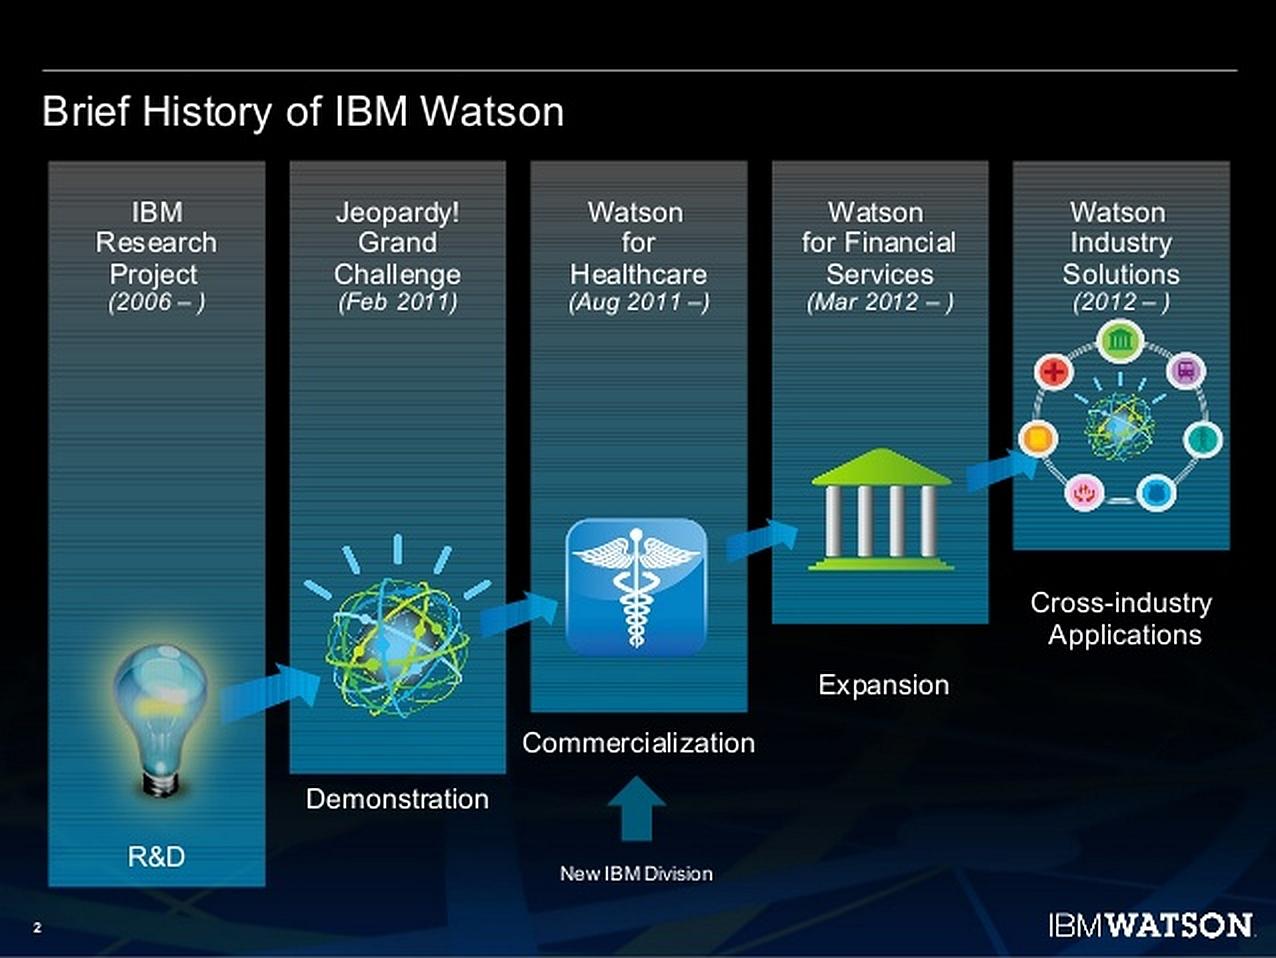 IMB Watson startete als Forschungsprojekt bereits im Jahr 2006. Als Vorgänger kann Deep Blue verstanden werden, der schon ab 1996 verfügbar war. (Bild: IBM Deutschland GmbH)